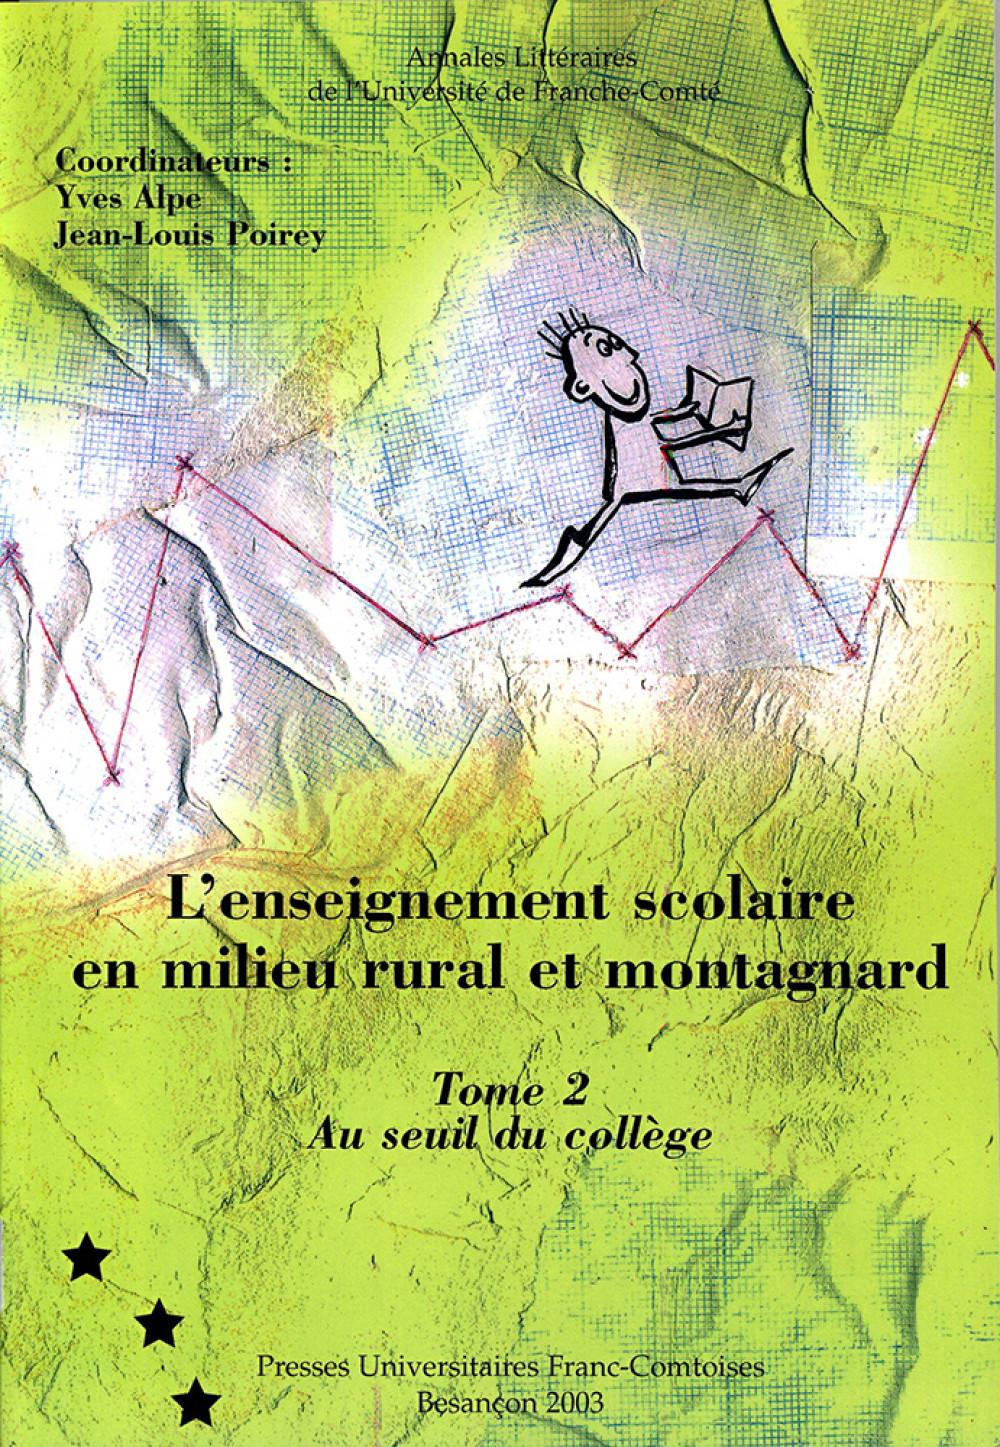 L'enseignement scolaire en milieu rural et montagnard - Tome 2